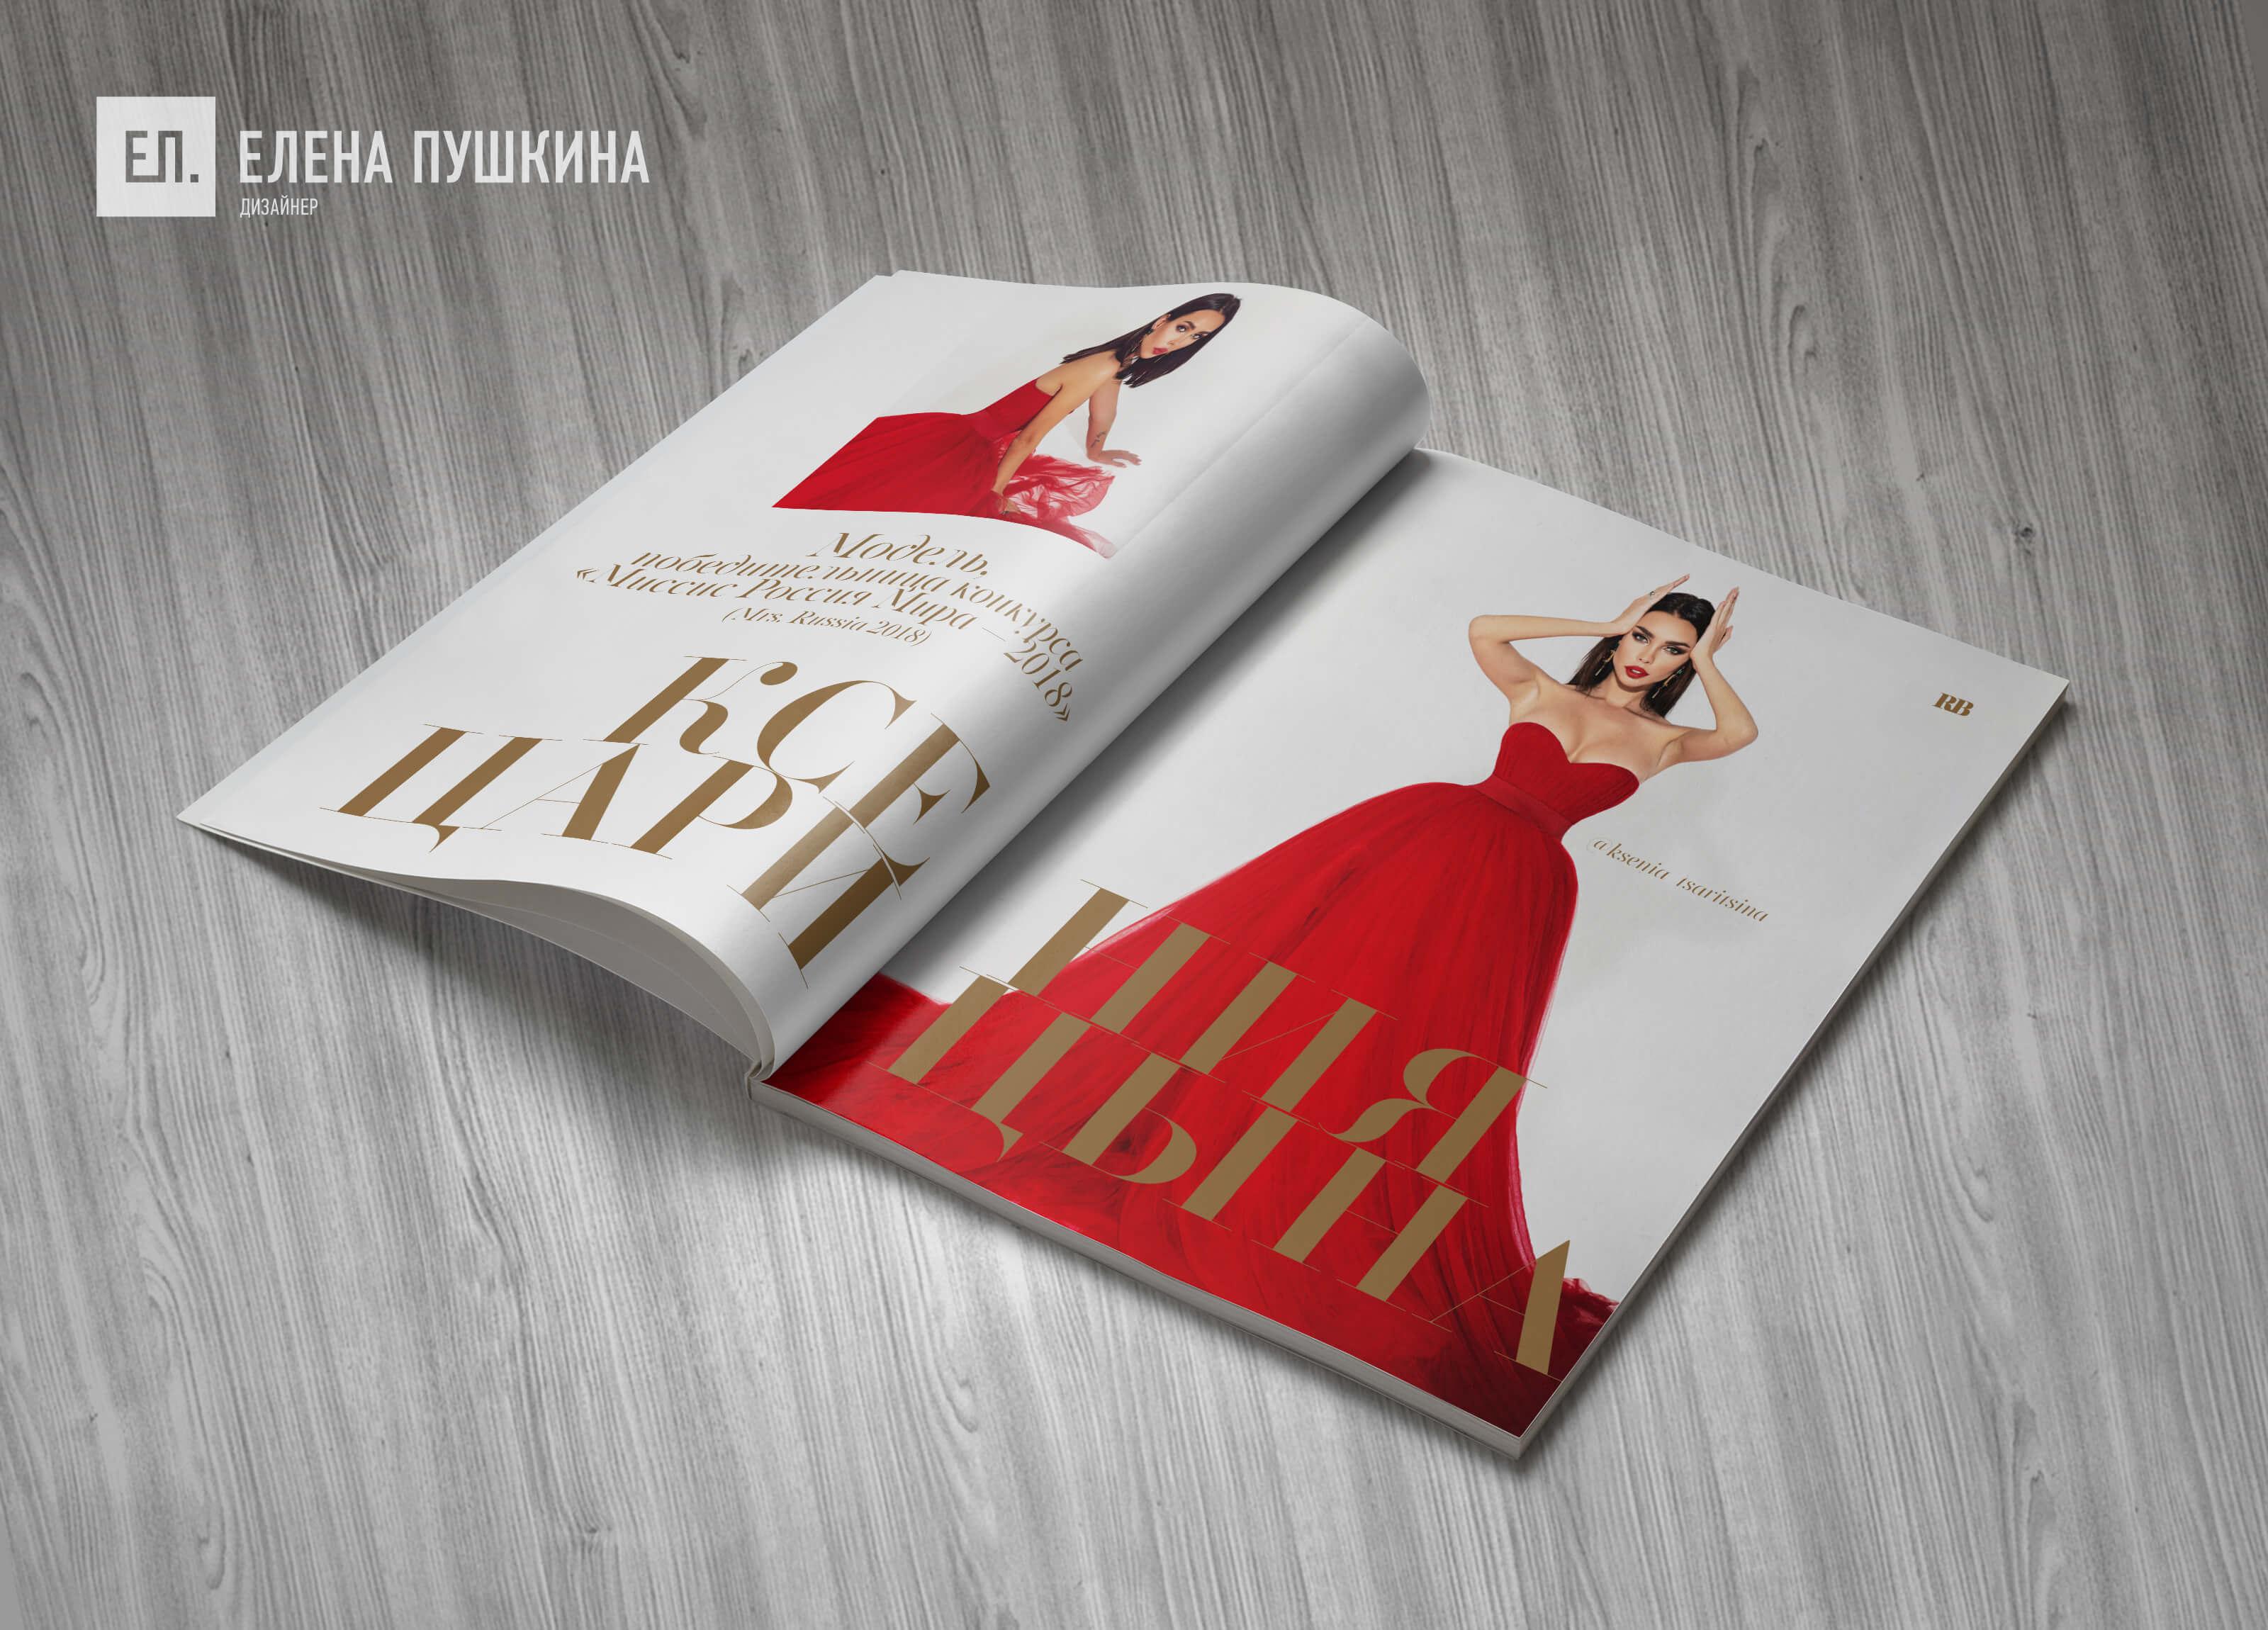 Глянцевый Luxury журнал «RUSSIAN BEAUTY» №5 февраль 2019 — разработка с «нуля» логотипа, обложки, макета и вёрстка журнала Разработка журналов Портфолио